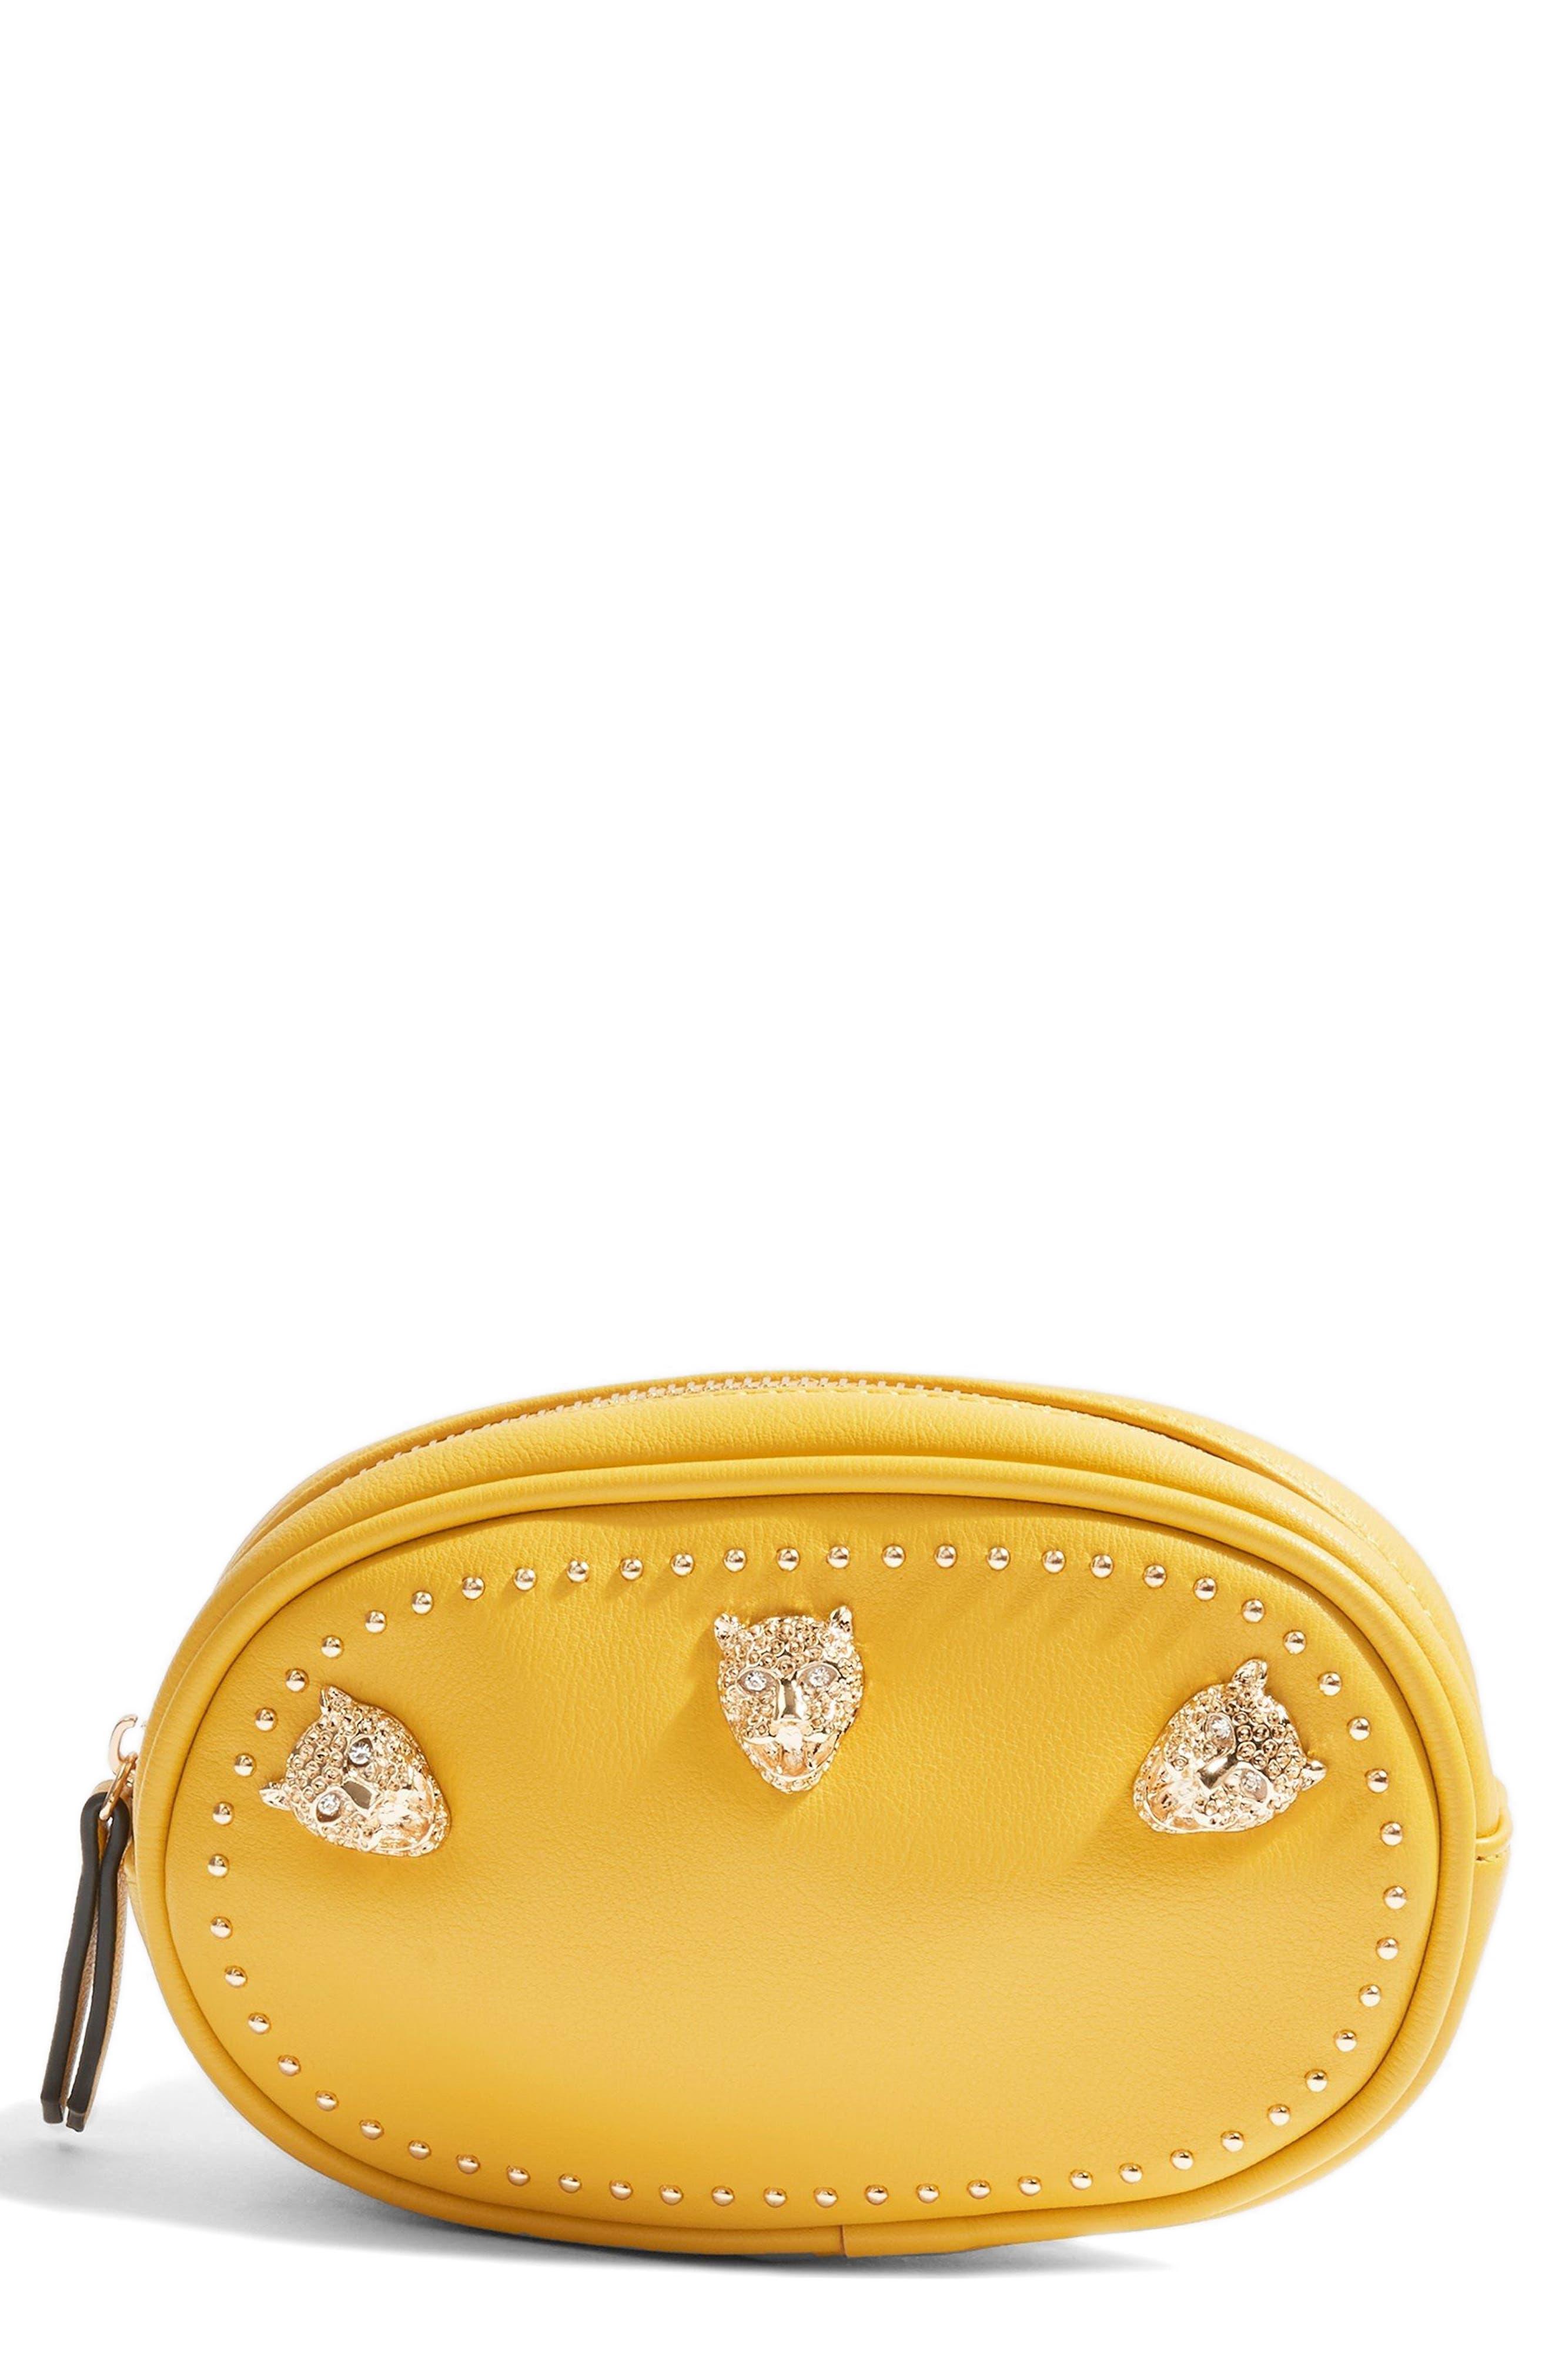 Panther Bum Bag,                         Main,                         color, Yellow